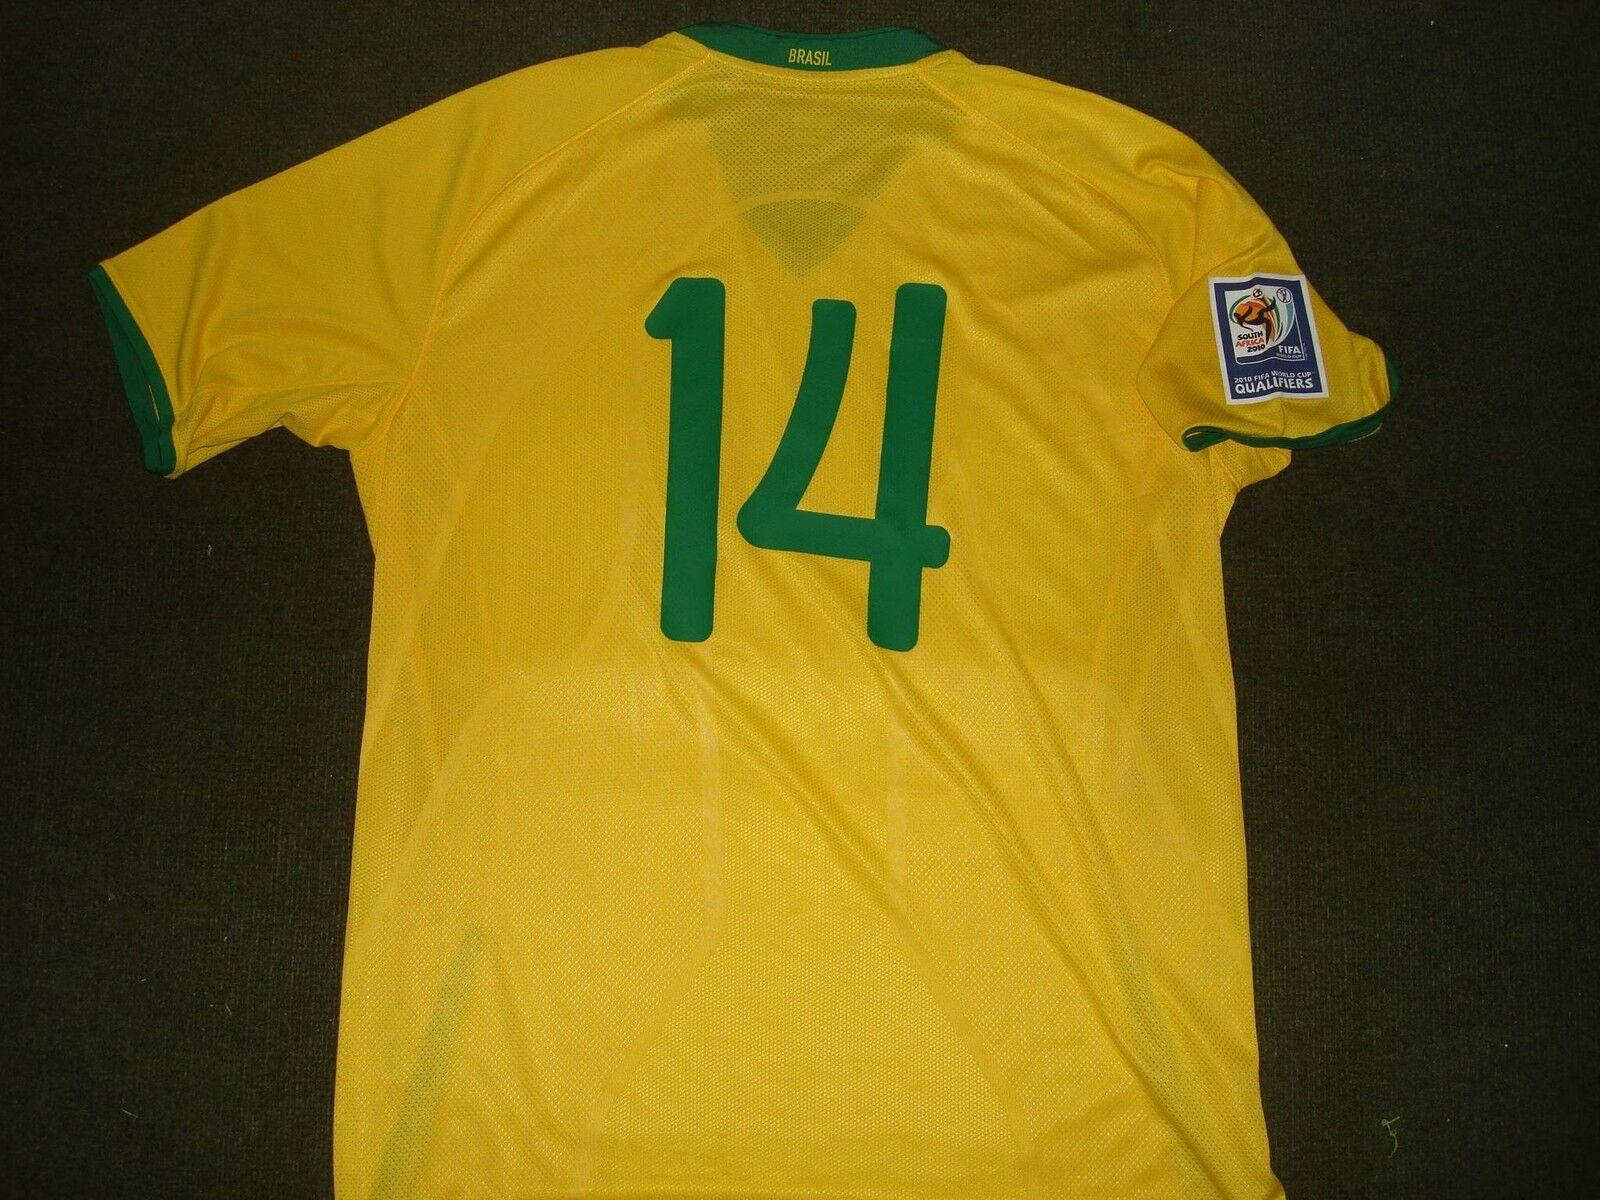 Brasil Eliminatorias Wc 2010 Match expedido Xxl